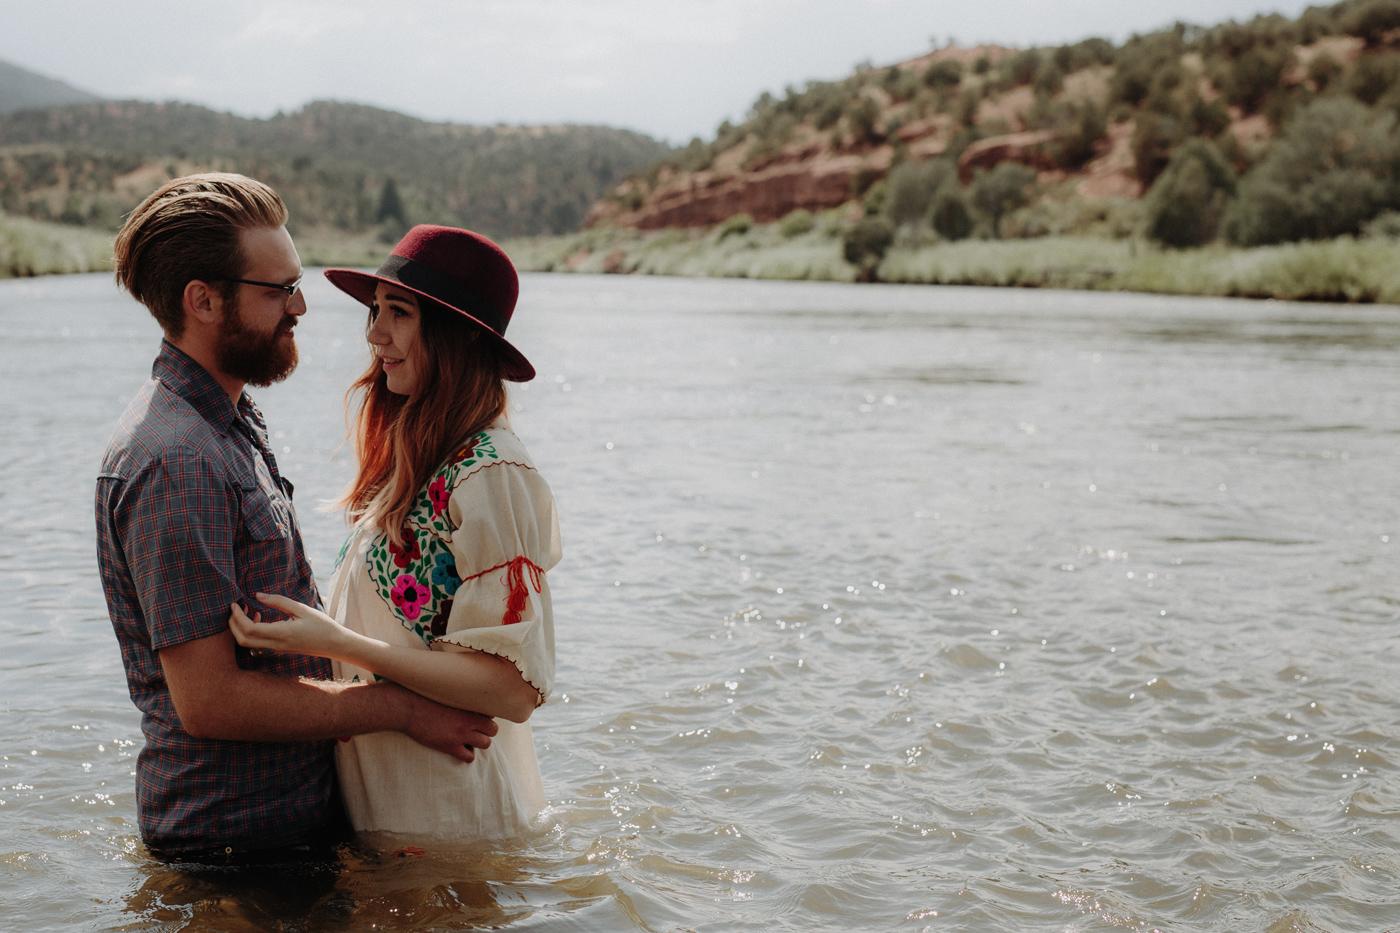 046-jones-max-colorado-ranch-engagement-photos.jpg